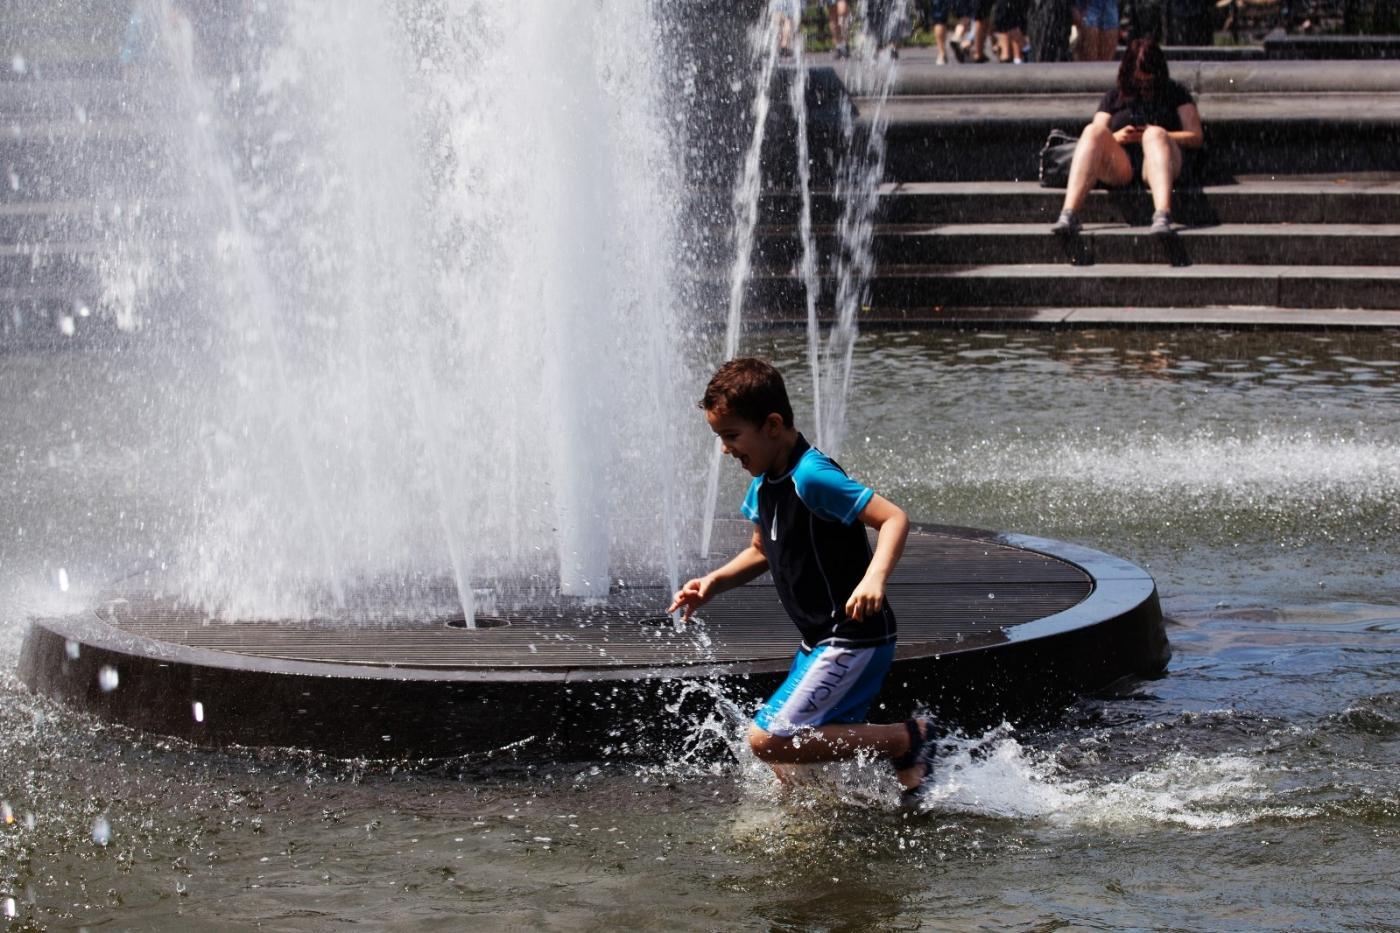 在喷水池中戏水的小孩,天真活泼(摄于纽约华盛顿广场喷水池) ... ... ..._图1-1